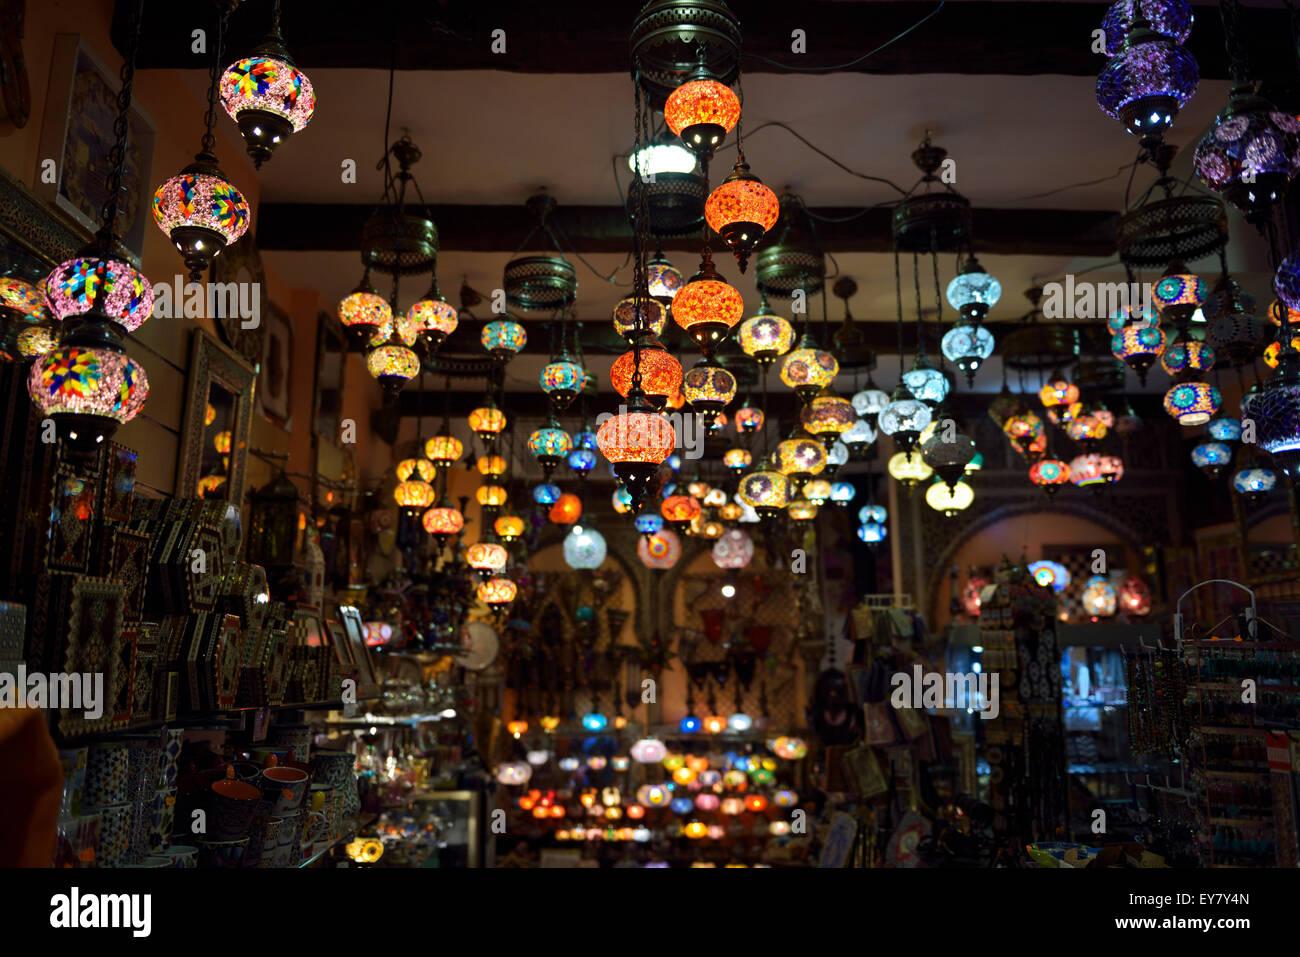 Lanternes mauresques pendaison de perles de verre dans un magasin à Grenade Espagne alcaiceria Photo Stock